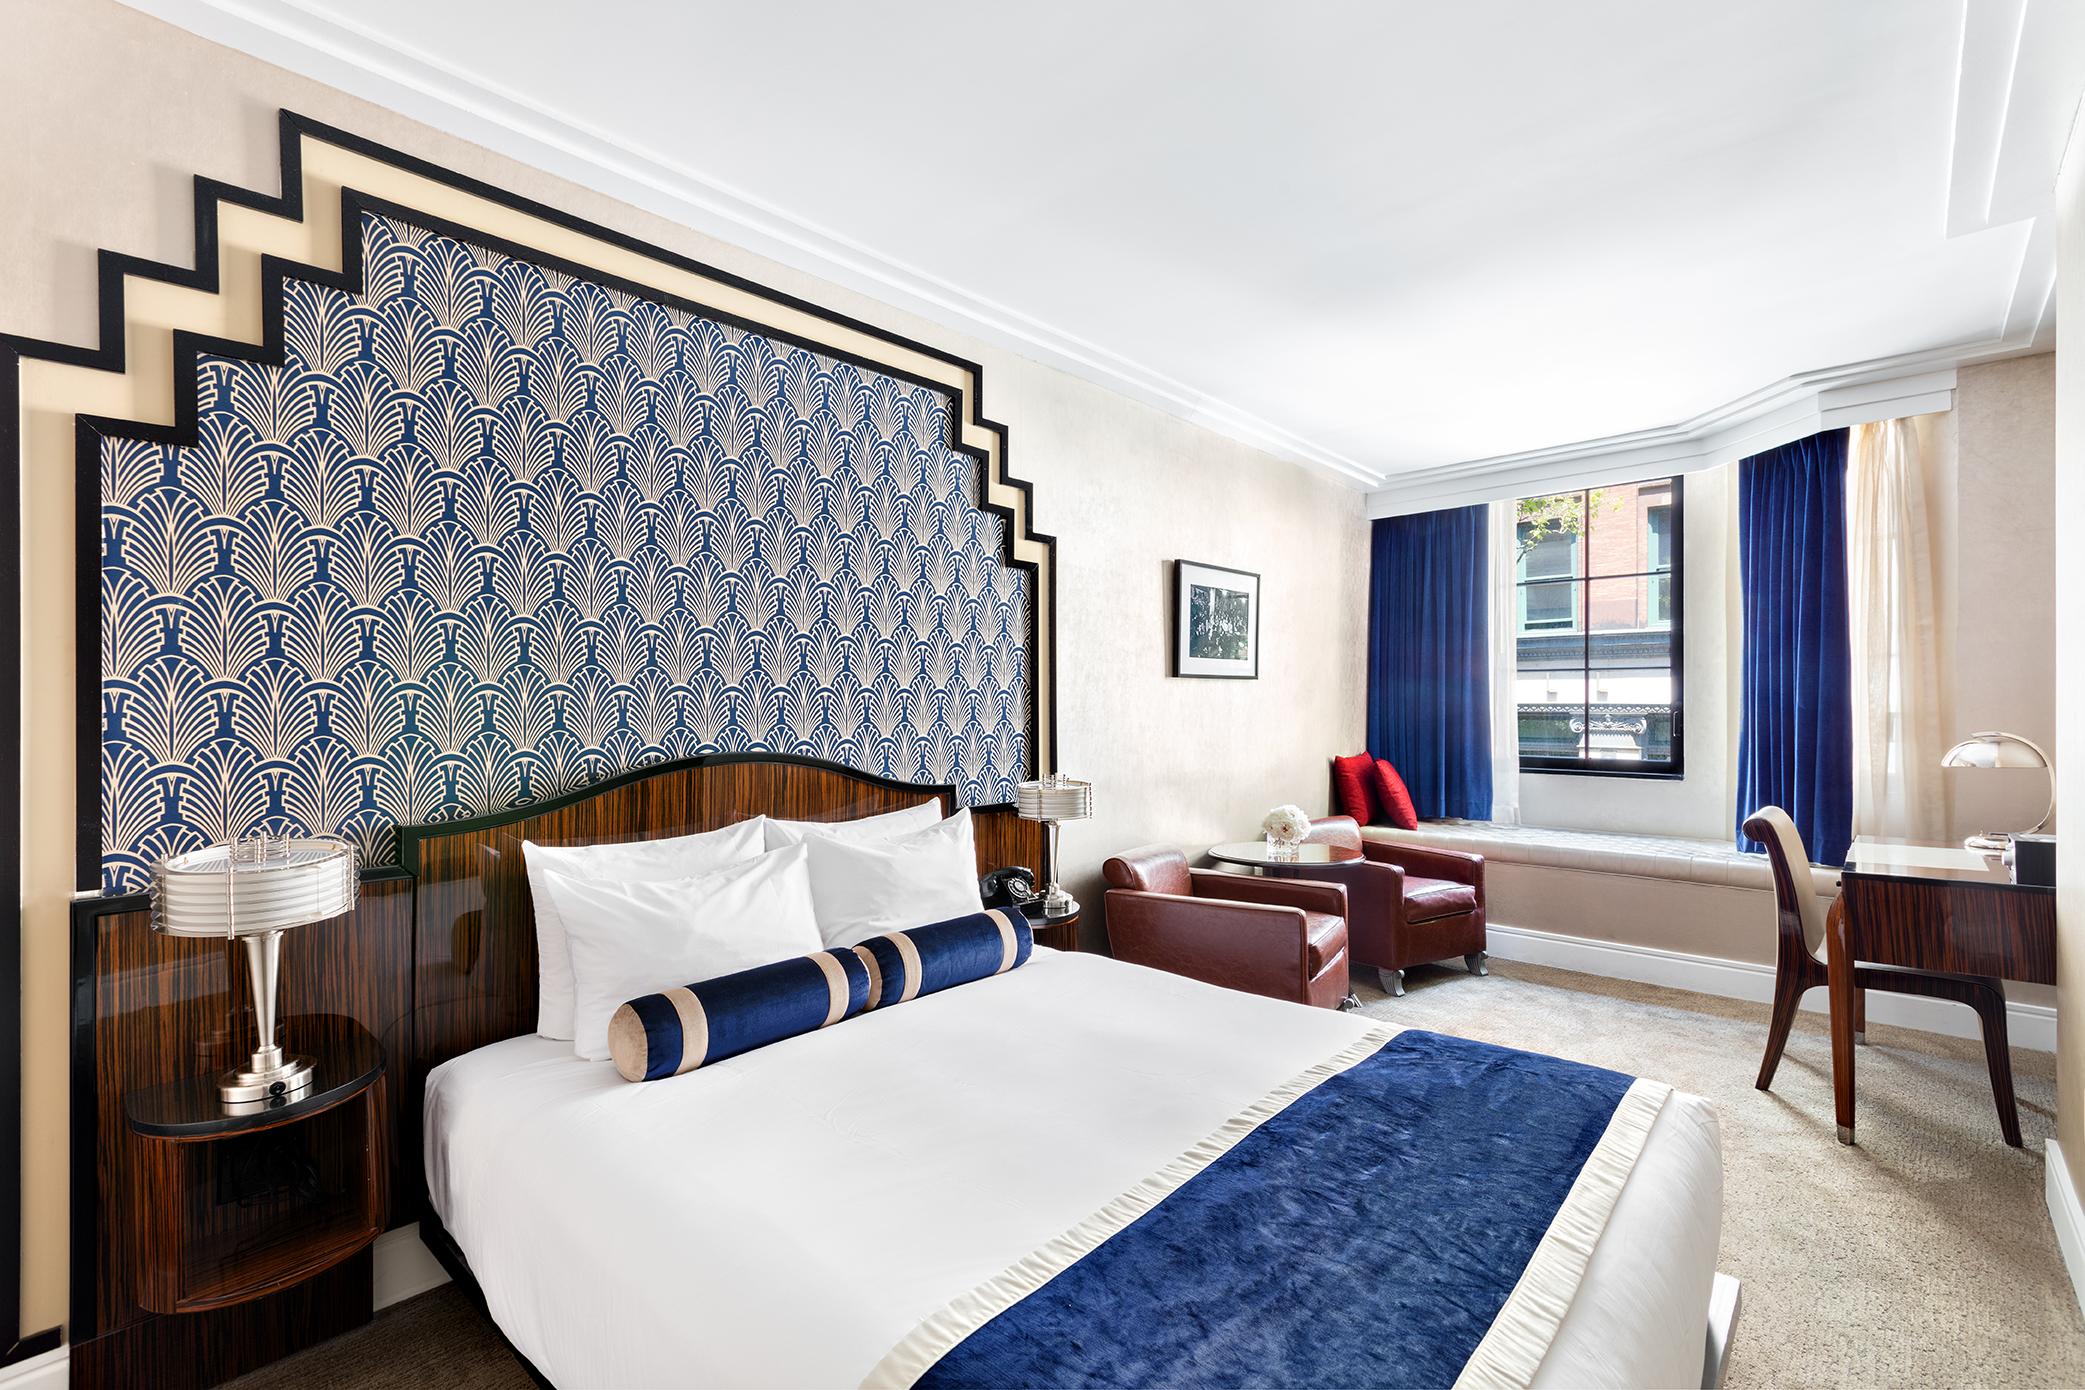 Walker Hotel Greenwich Village image 12